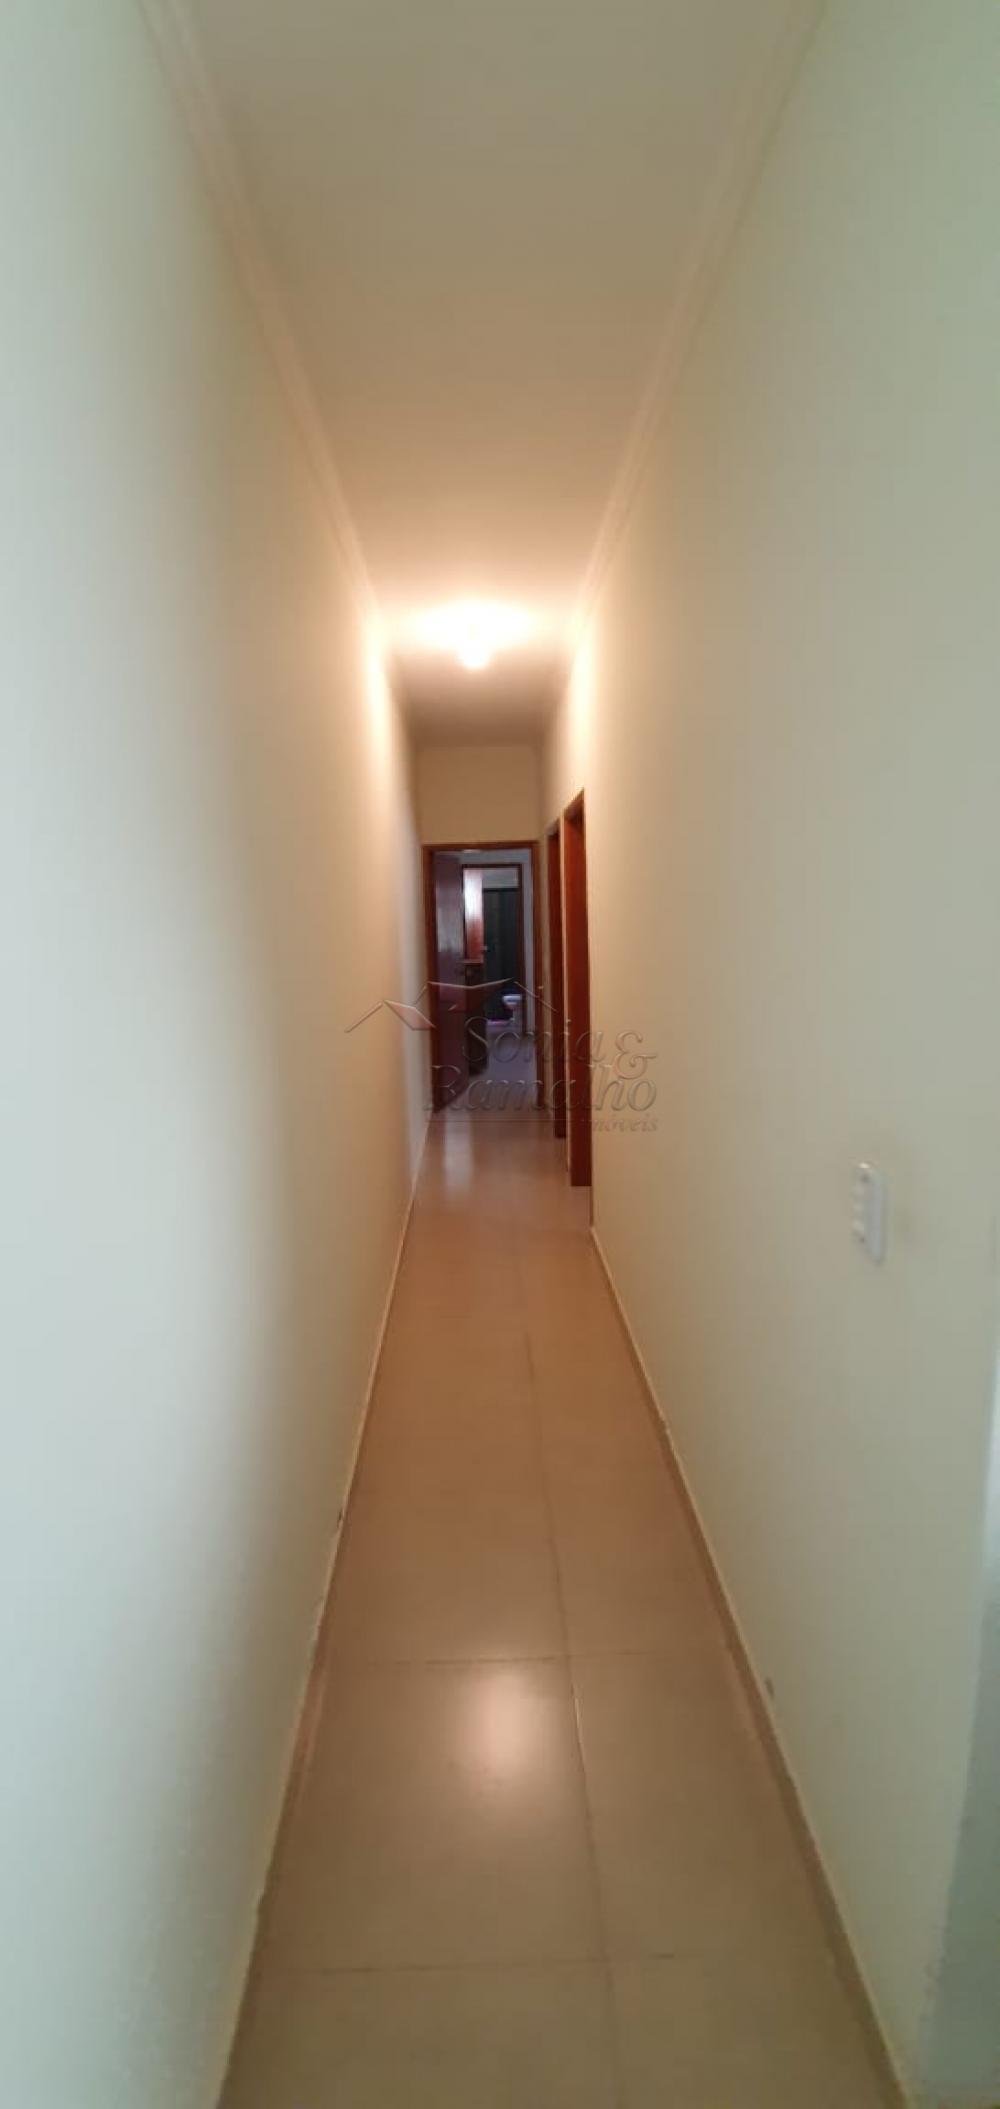 Comprar Casas / Padrão em Ribeirão Preto R$ 330.000,00 - Foto 8